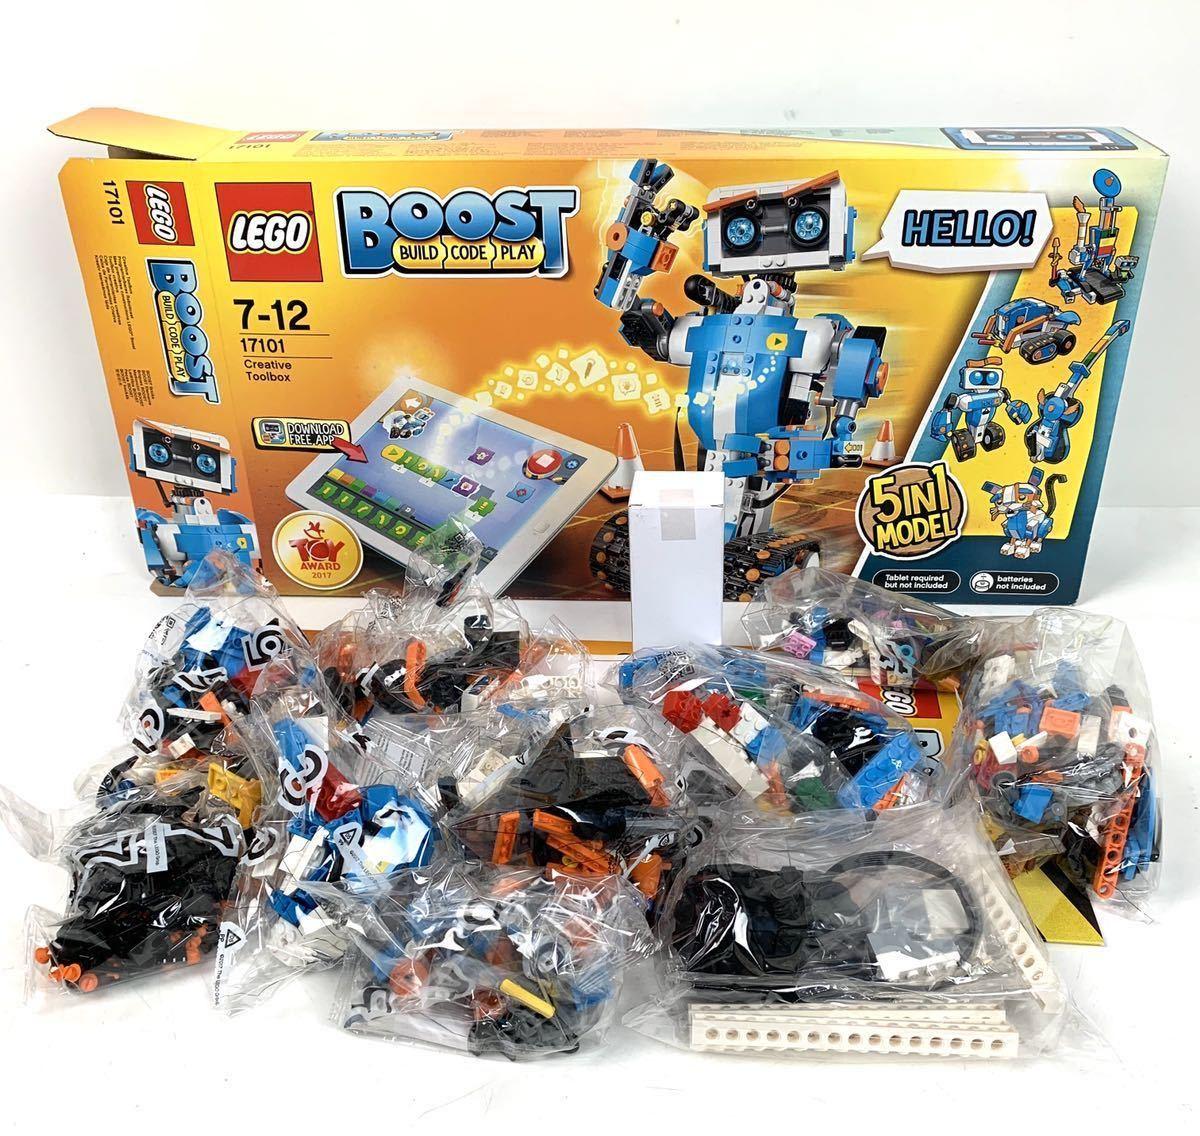 ●未使用品 LEGO 7-12 17101 BOOST レゴ ブースト Creative TOOLBOX●_画像3